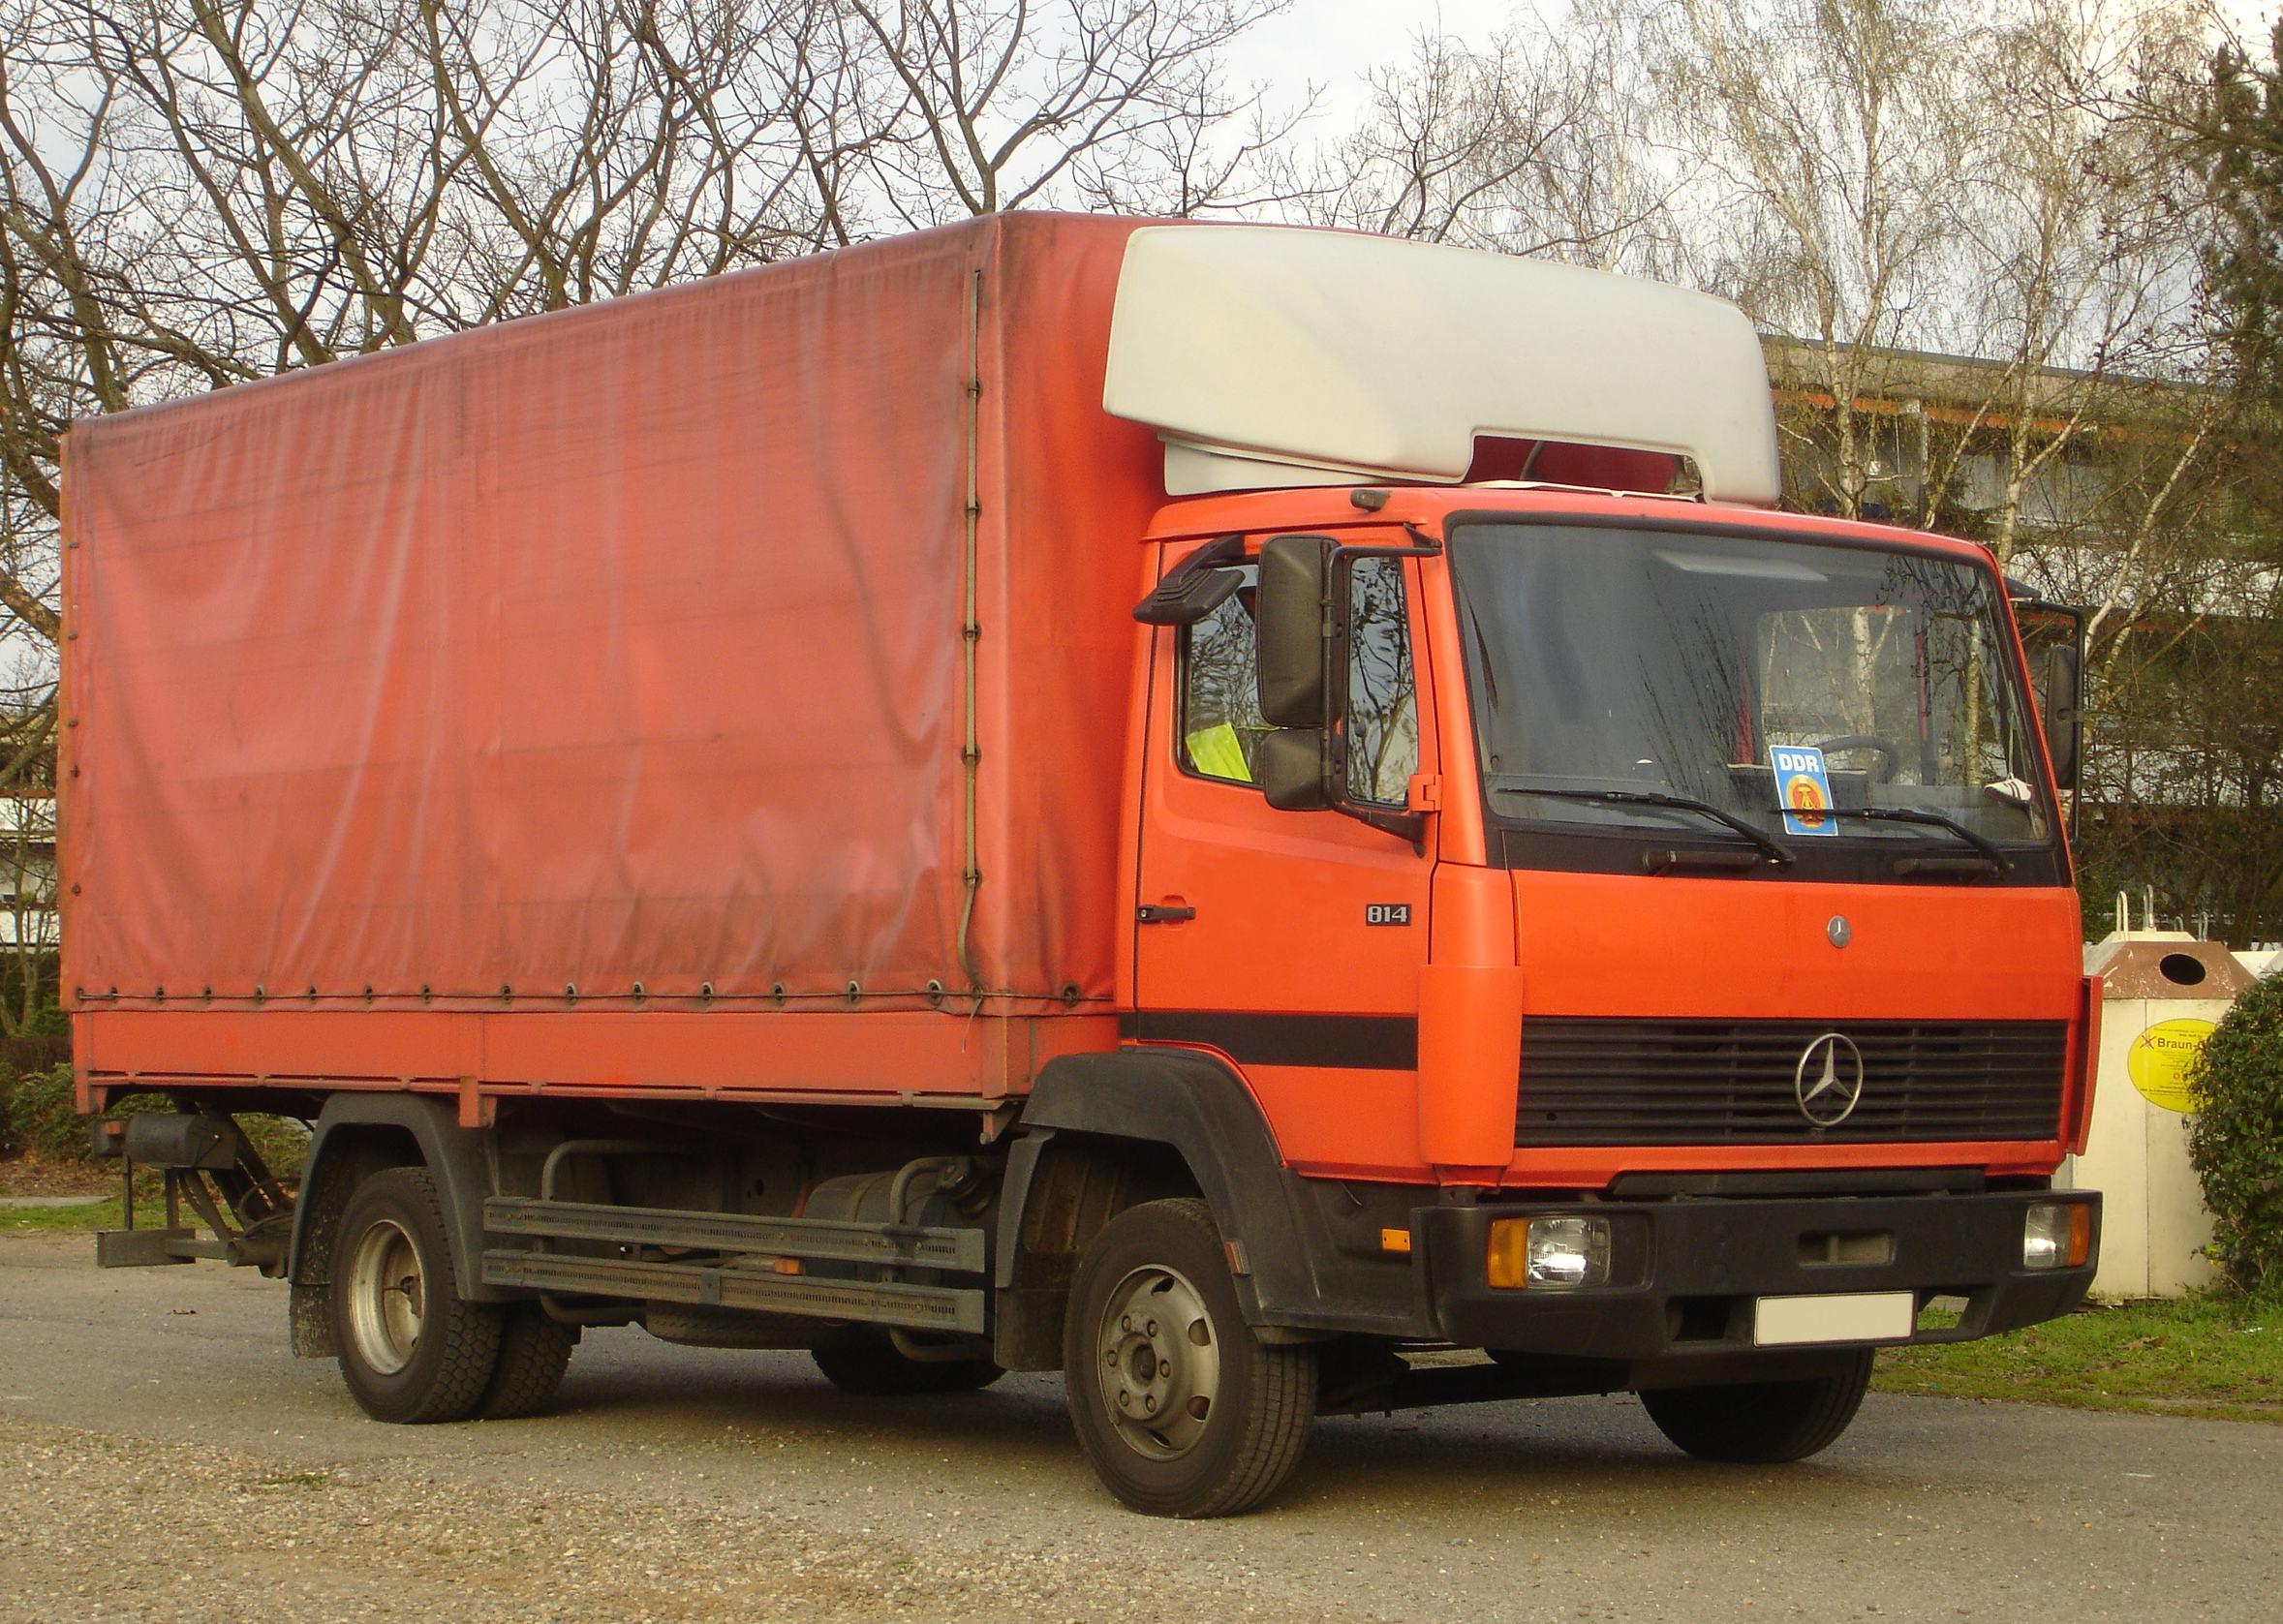 File:Mercedes-Benz 814 Pritschenwagen.jpg